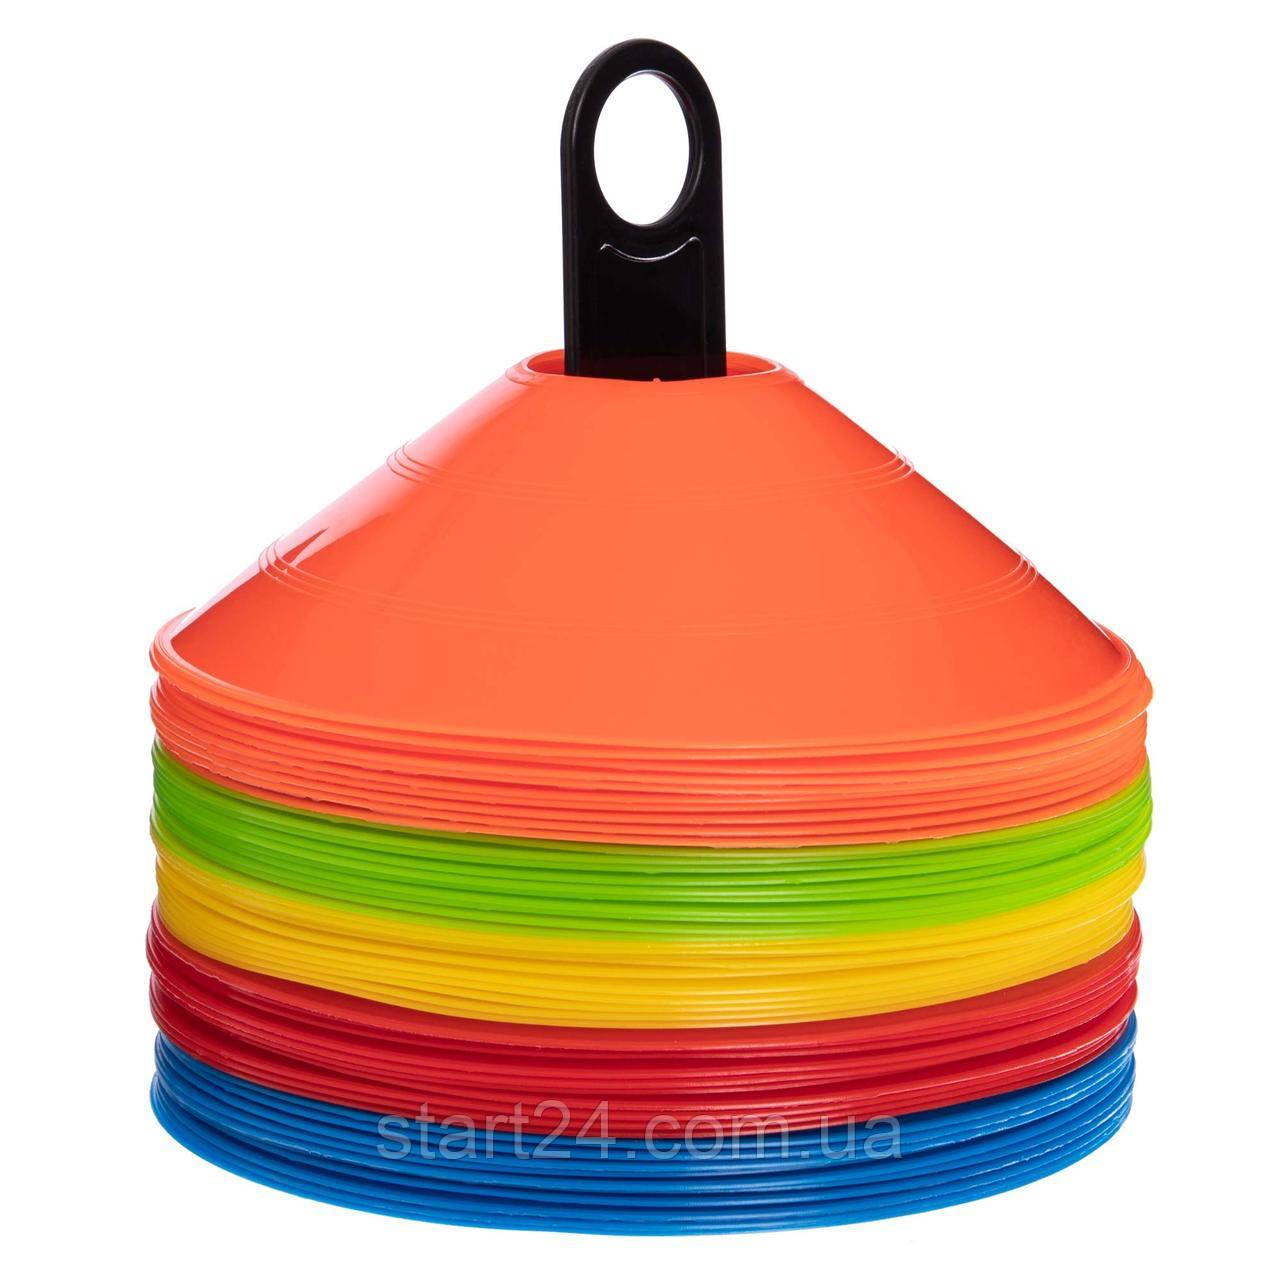 Фишки для разметки поля на пластиковой подставке 50шт С-4347 (d-20см, 50шт, 34гр,уп. цветная короб.,